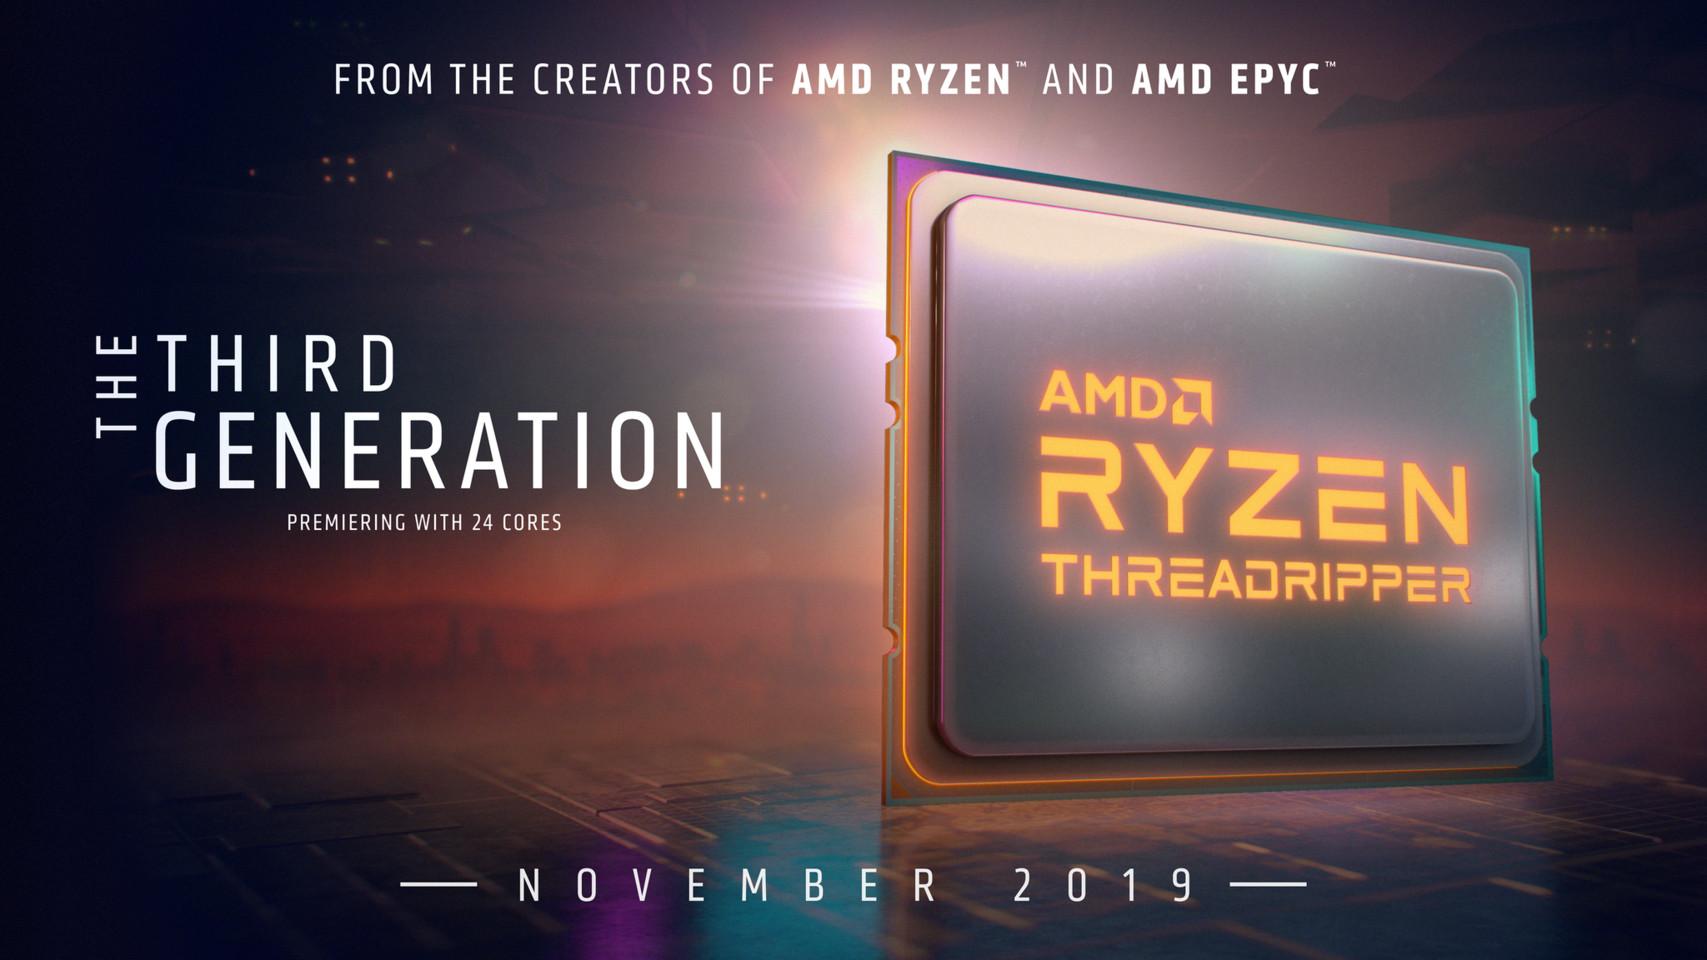 Ra mắt AMD Ryzen Threadripper trong tháng 11 2019